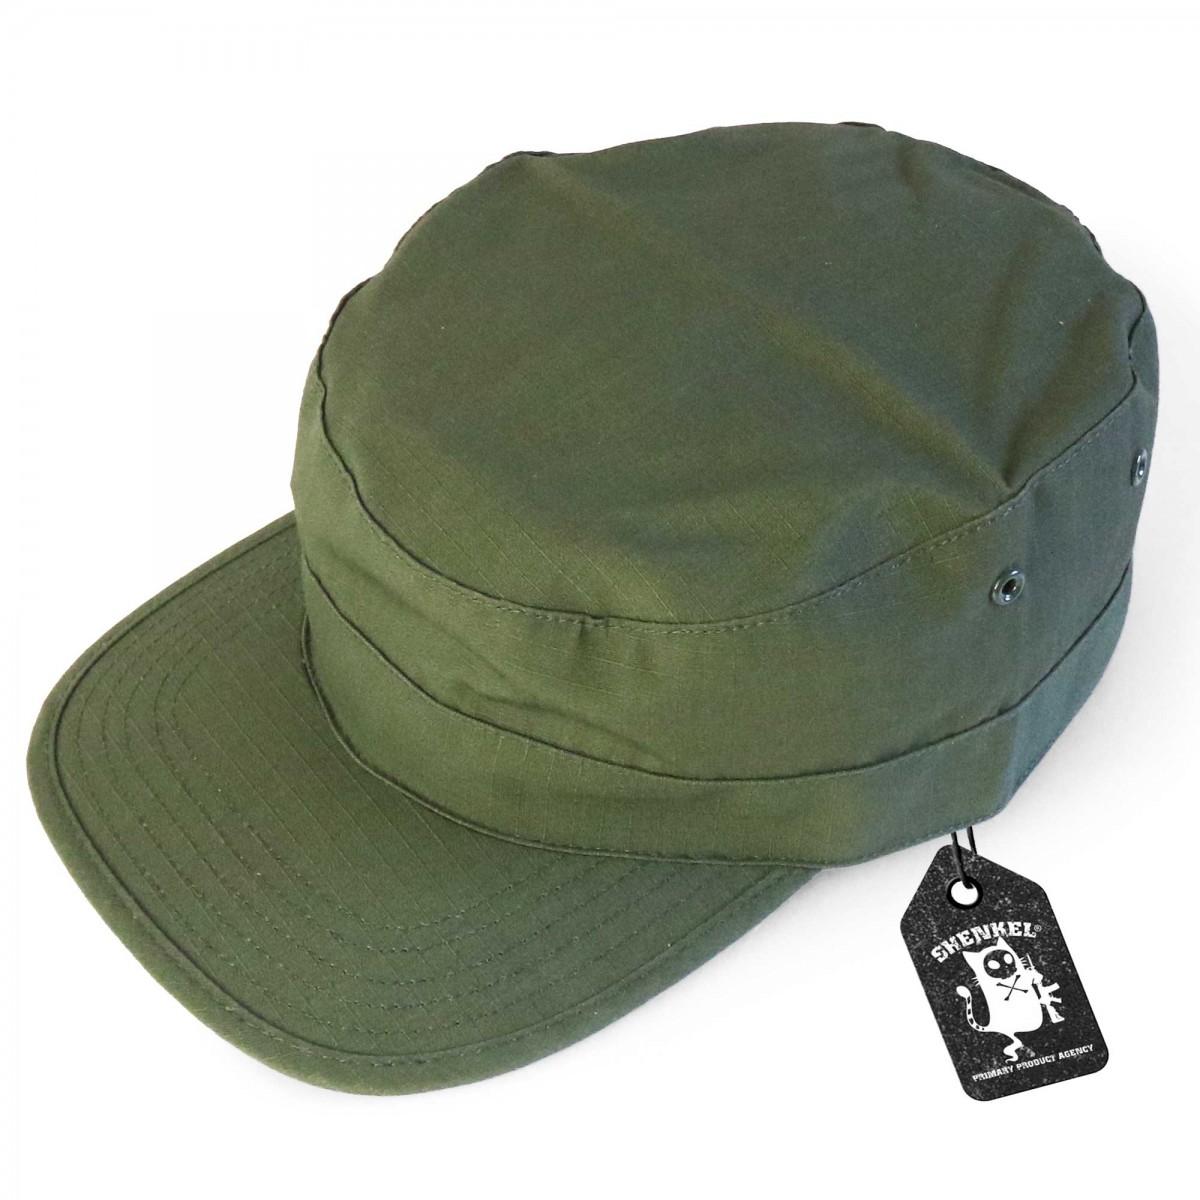 ミリタリーキャップ  パトロールキャップ  フリーサイズ  帽子